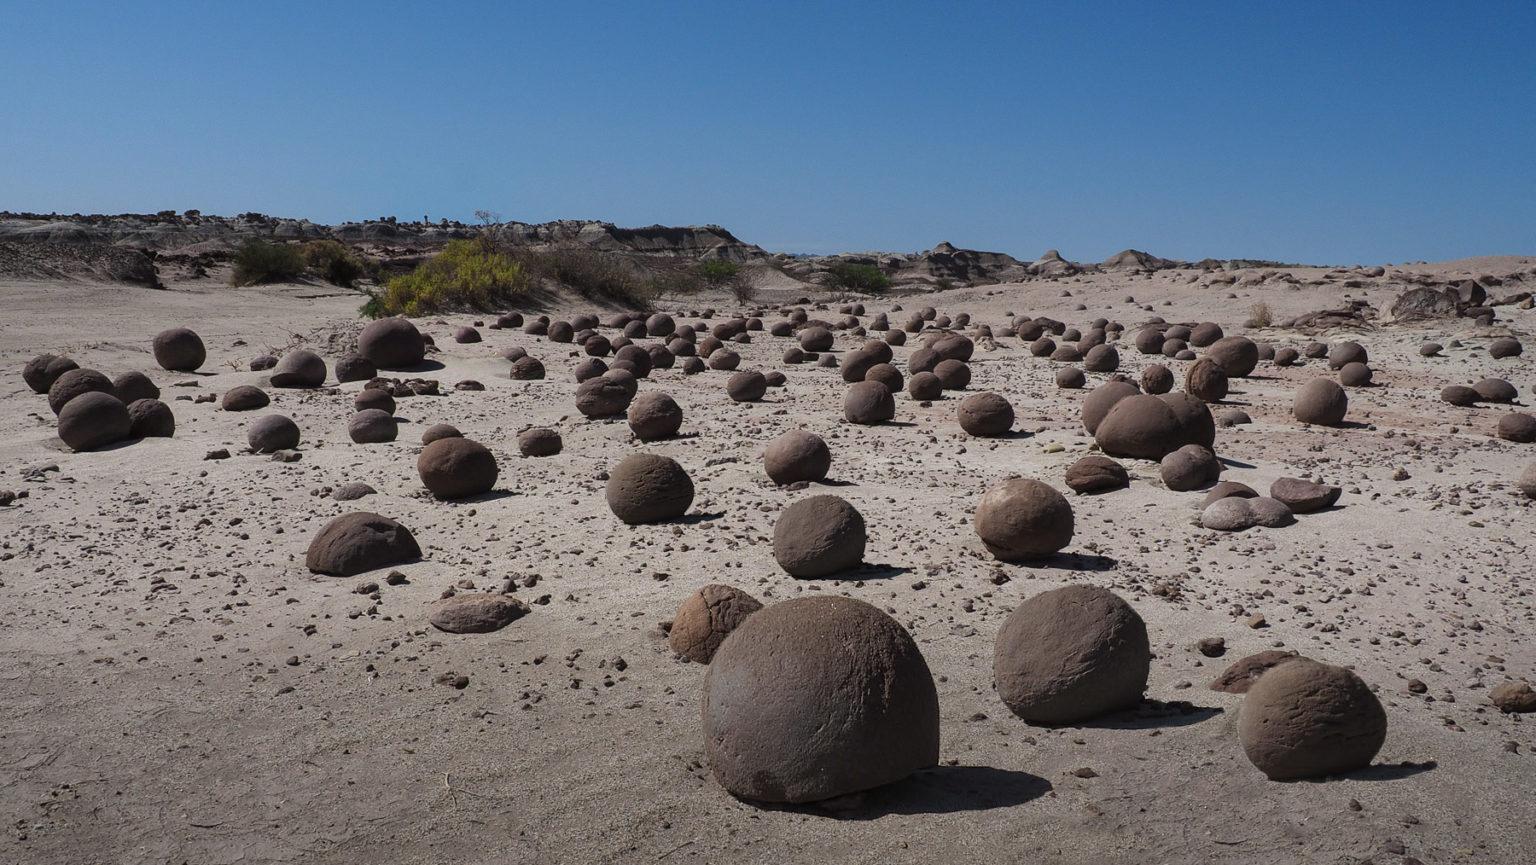 Merkwürdige Ebene mit perfekt runden schwarzen Steinen